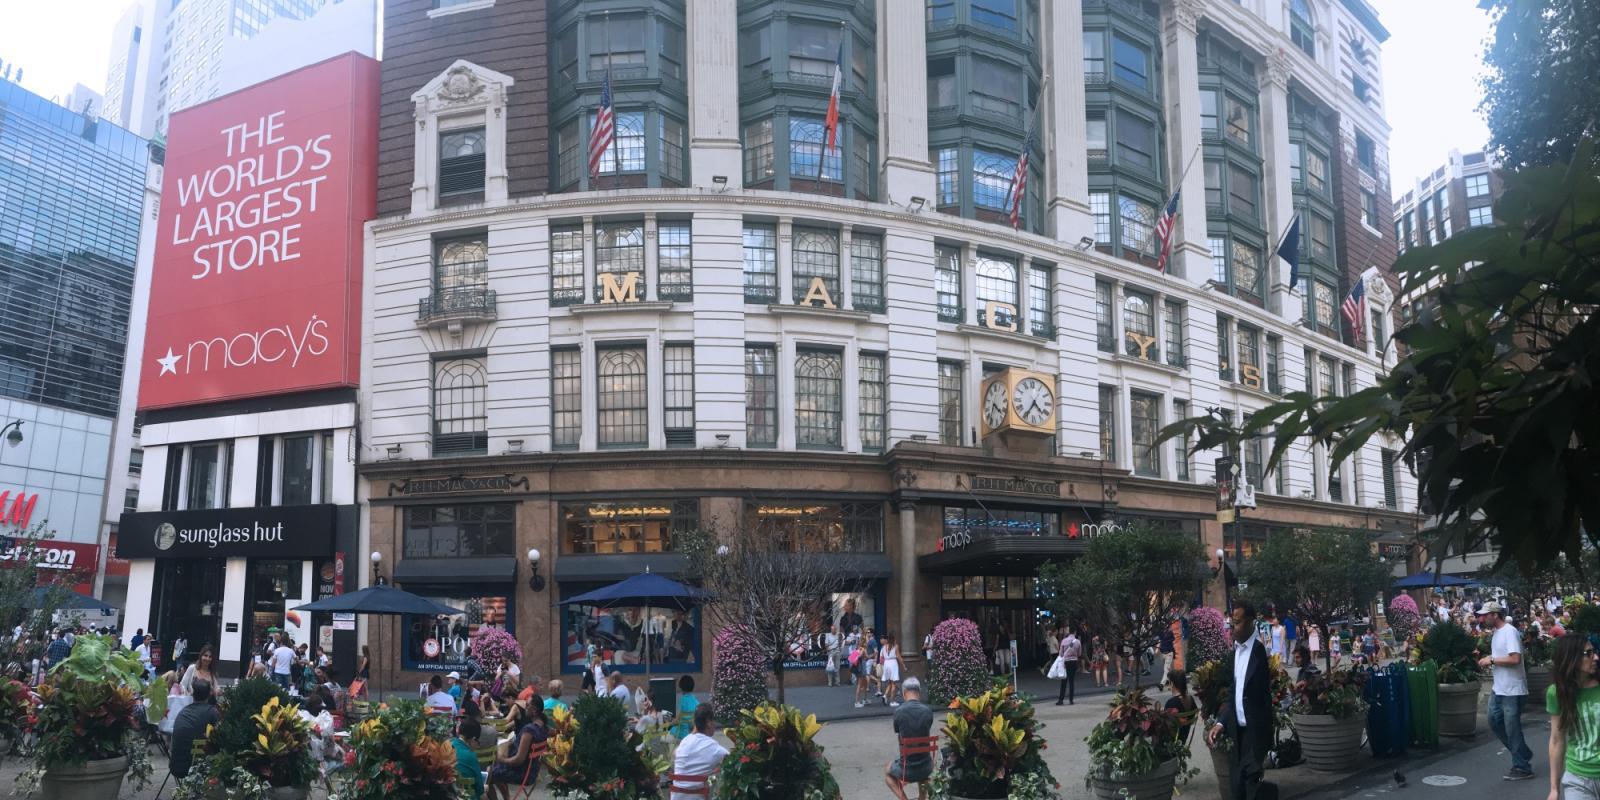 Macy S Nueva York Los Grandes Almacenes Más Grandes Del Mundo